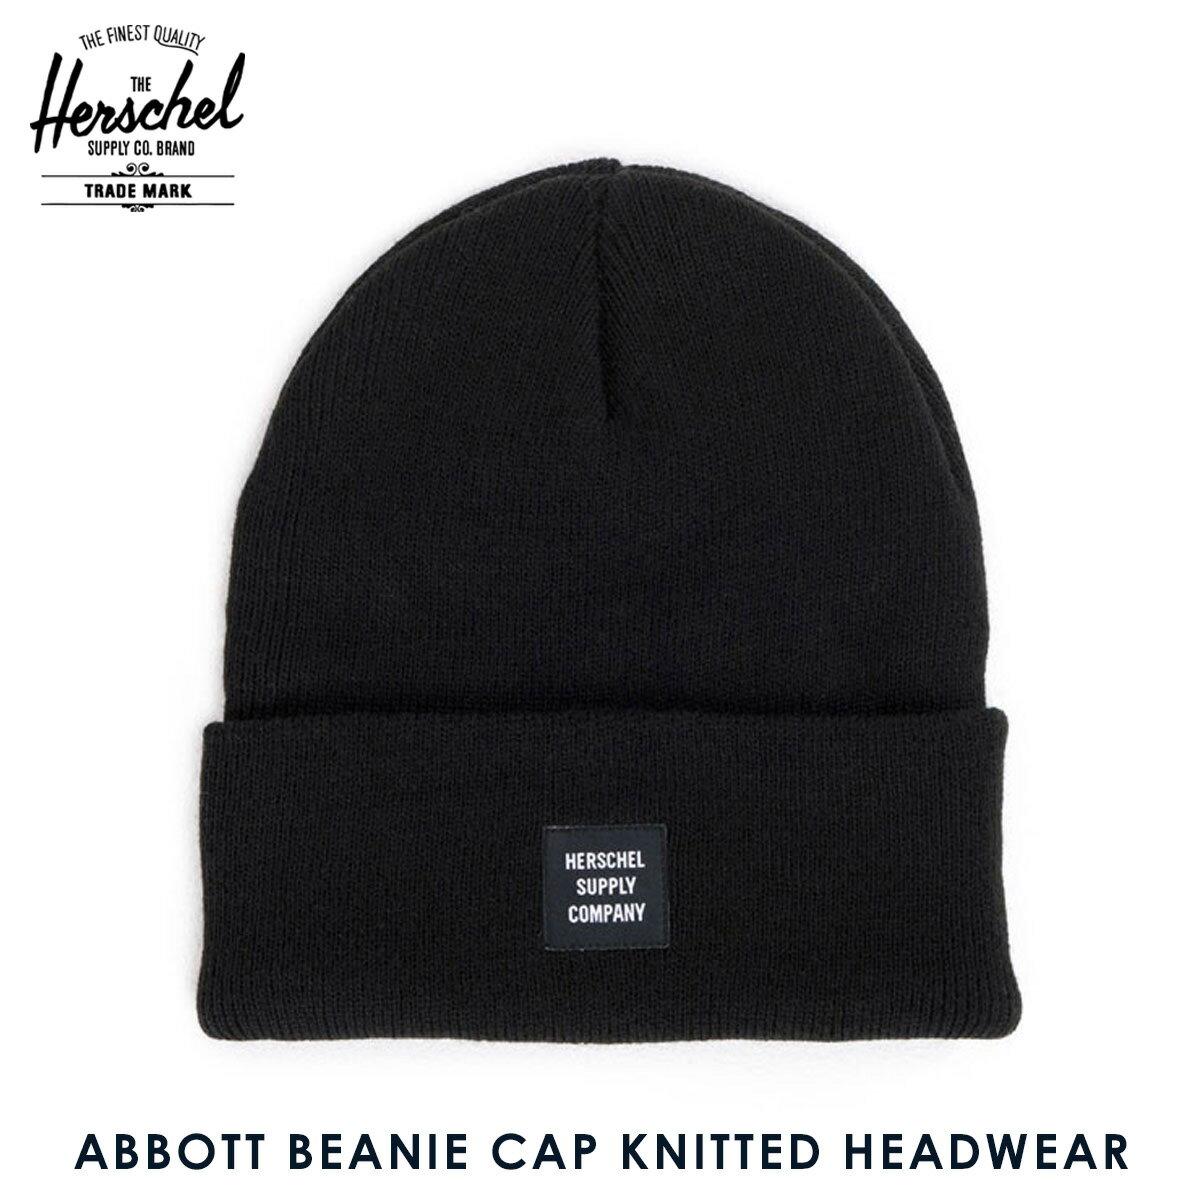 【販売期間 2/19 10:00〜3/2 9:59】 ハーシェル サプライ Herschel Supply 正規販売店 帽子 ニットキャップ ABBOTT BEANIE CAP KNITTED HEADWEAR 1001-0001-OS BLACK